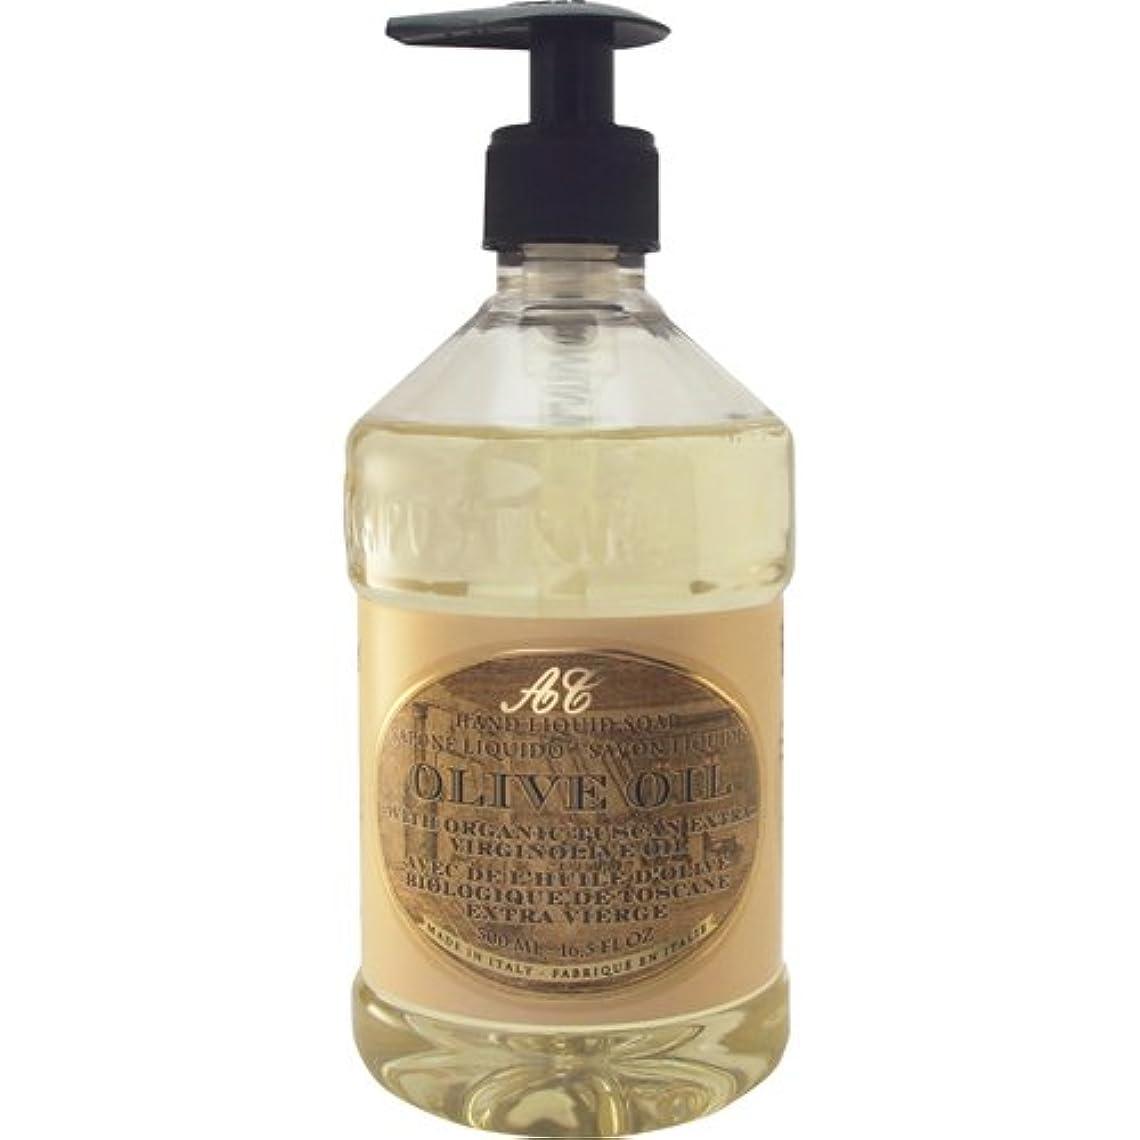 メロドラマ威信特許Saponerire Fissi レトロシリーズ Liquid Soap リキッドソープ 500ml Olive Oil オリーブオイル